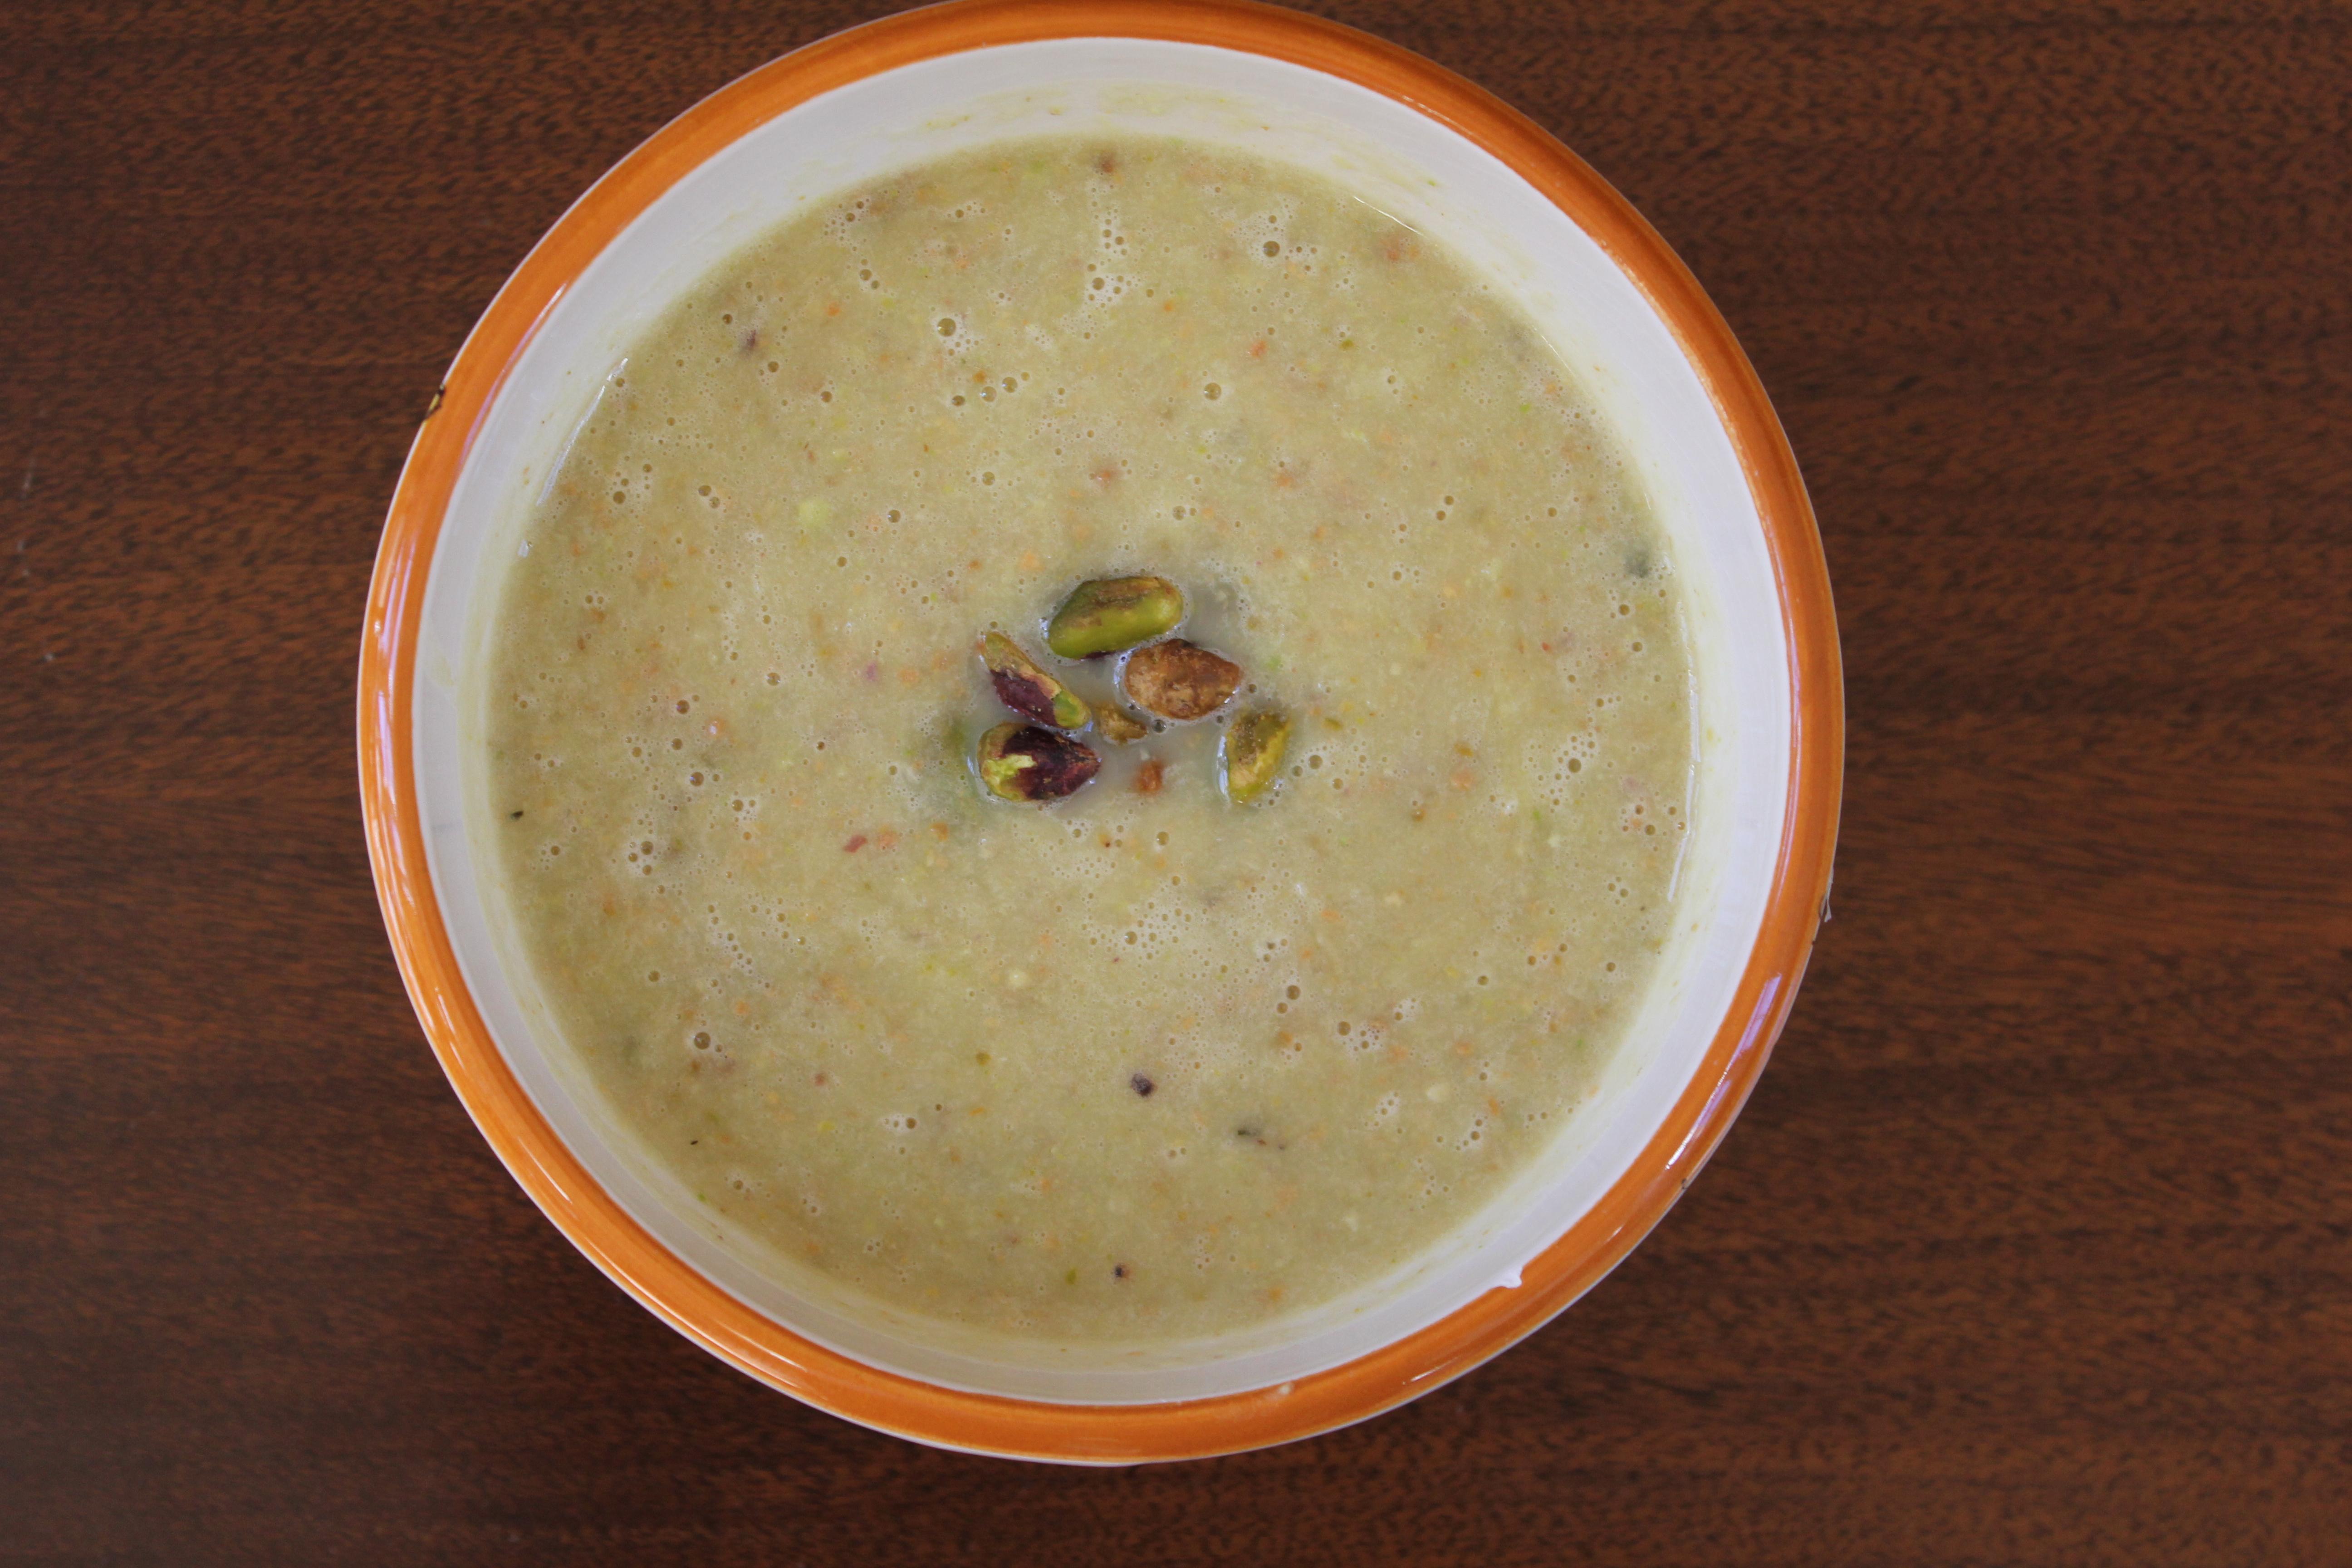 White Asparagus Soup With Pistachios Recipes — Dishmaps